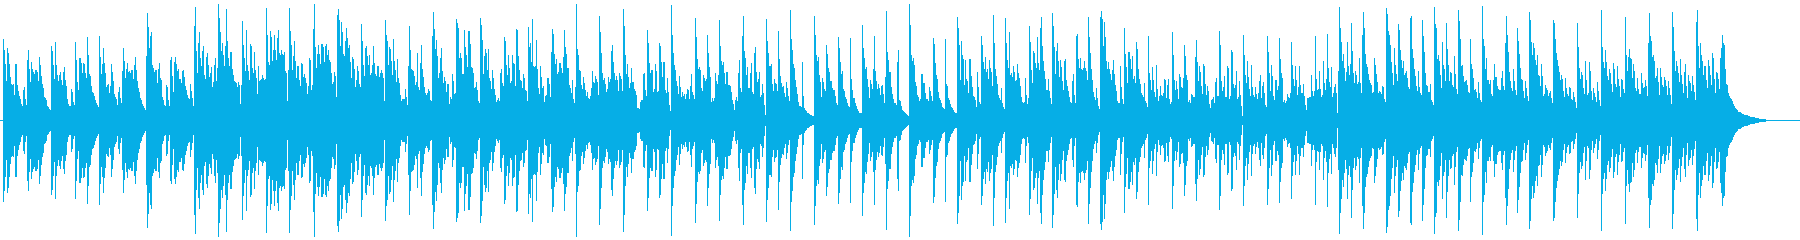 森-アイリッシュ-ジグ-ケルト-可愛いの再生済みの波形